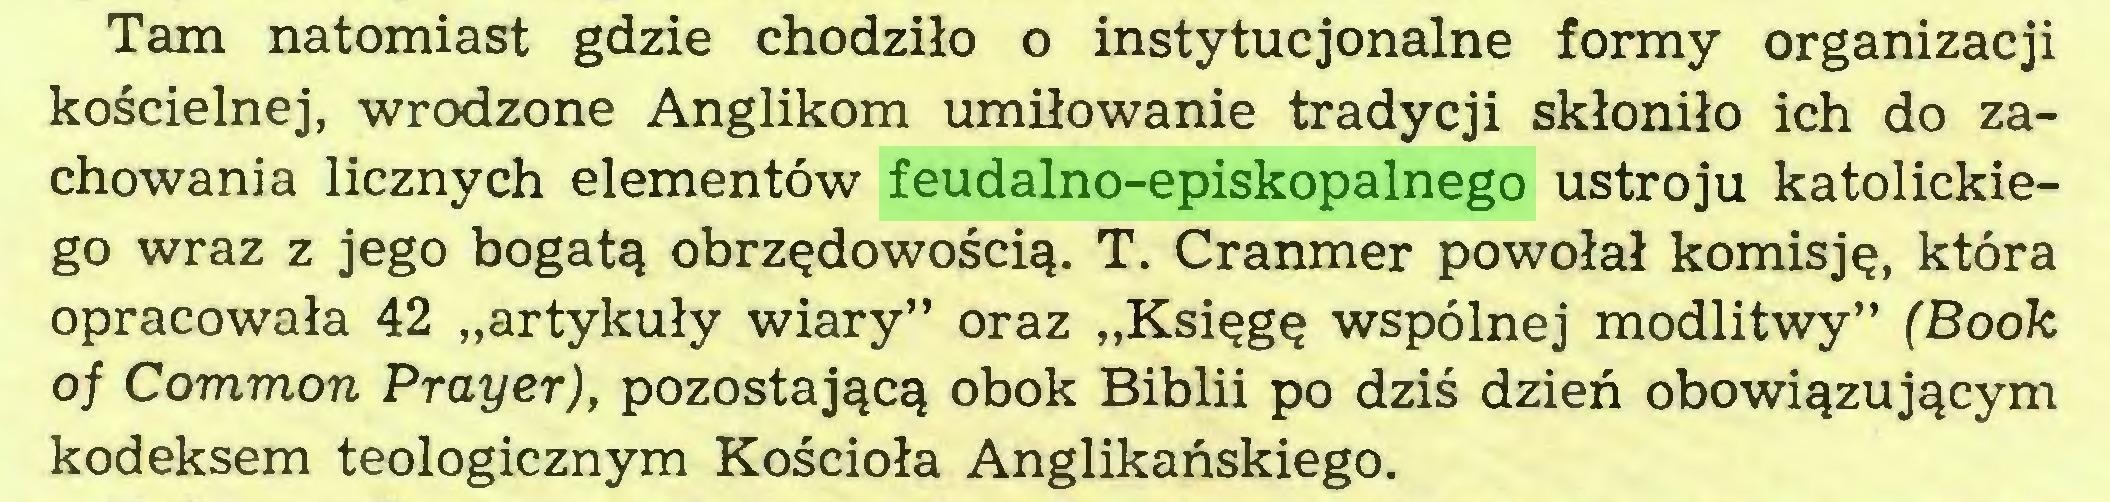 """(...) Tam natomiast gdzie chodziło o instytucjonalne formy organizacji kościelnej, wrodzone Anglikom umiłowanie tradycji skłoniło ich do zachowania licznych elementów feudalno-episkopalnego ustroju katolickiego wraz z jego bogatą obrzędowością. T. Cranmer powołał komisję, która opracowała 42 """"artykuły wiary"""" oraz """"Księgę wspólnej modlitwy"""" (Book oj Common Prayer), pozostającą obok Biblii po dziś dzień obowiązującym kodeksem teologicznym Kościoła Anglikańskiego..."""